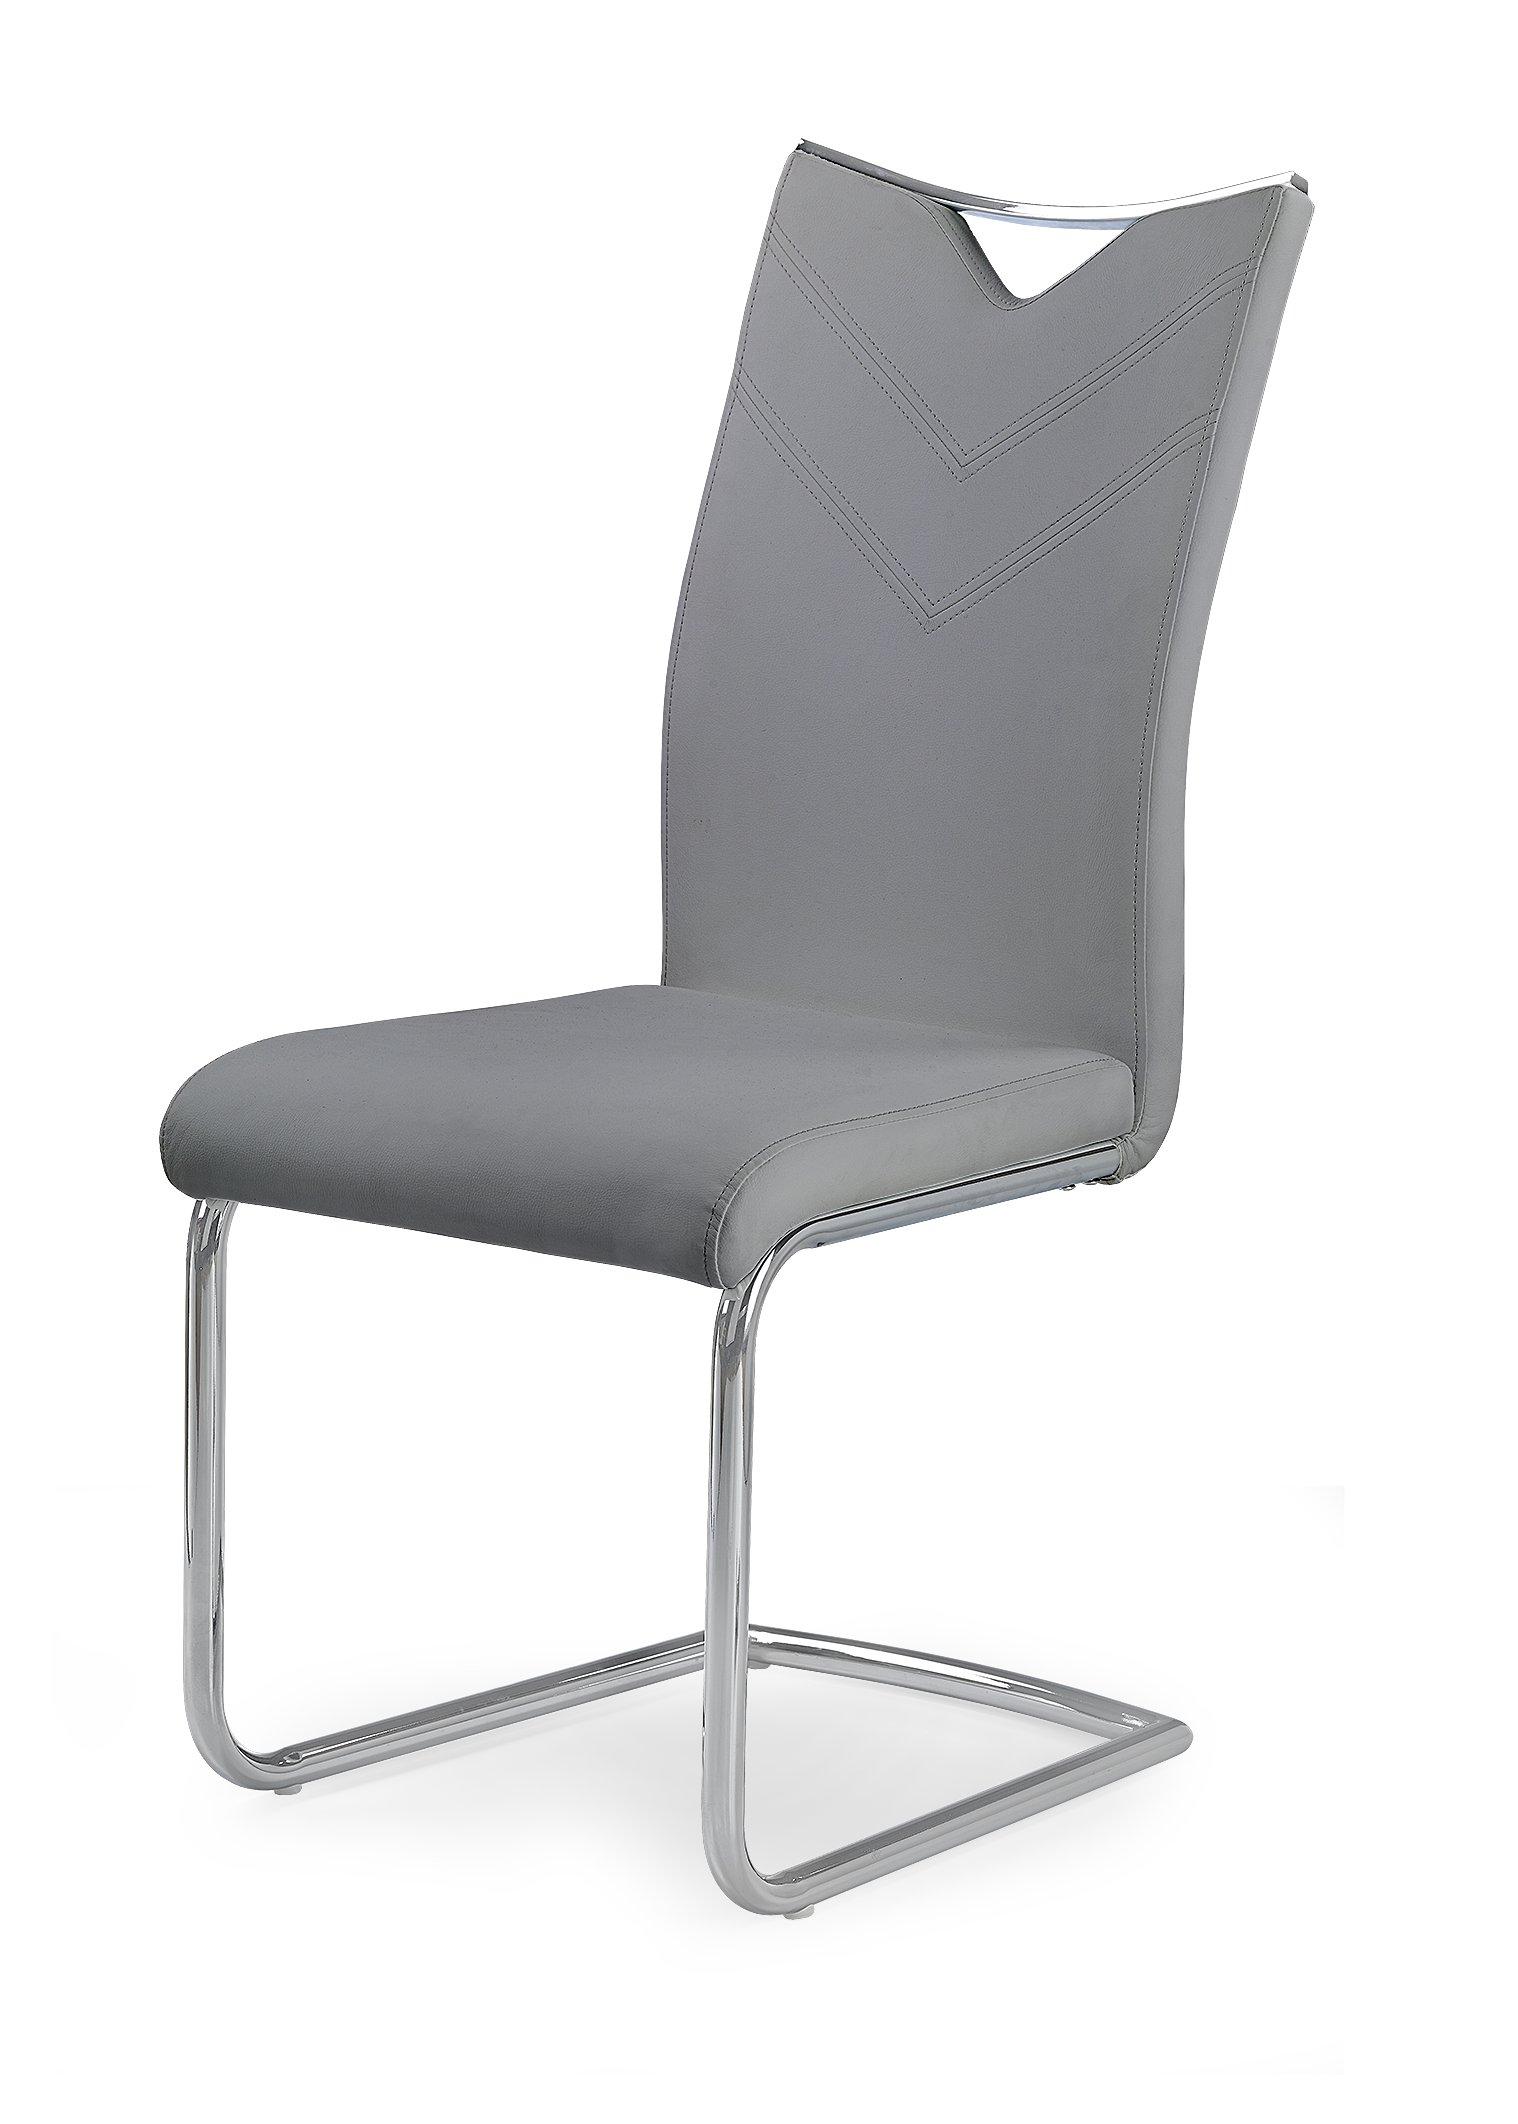 Scaun tapitat cu piele ecologica, cu picioare metalice K224 Grey, l44xA59xH100 cm